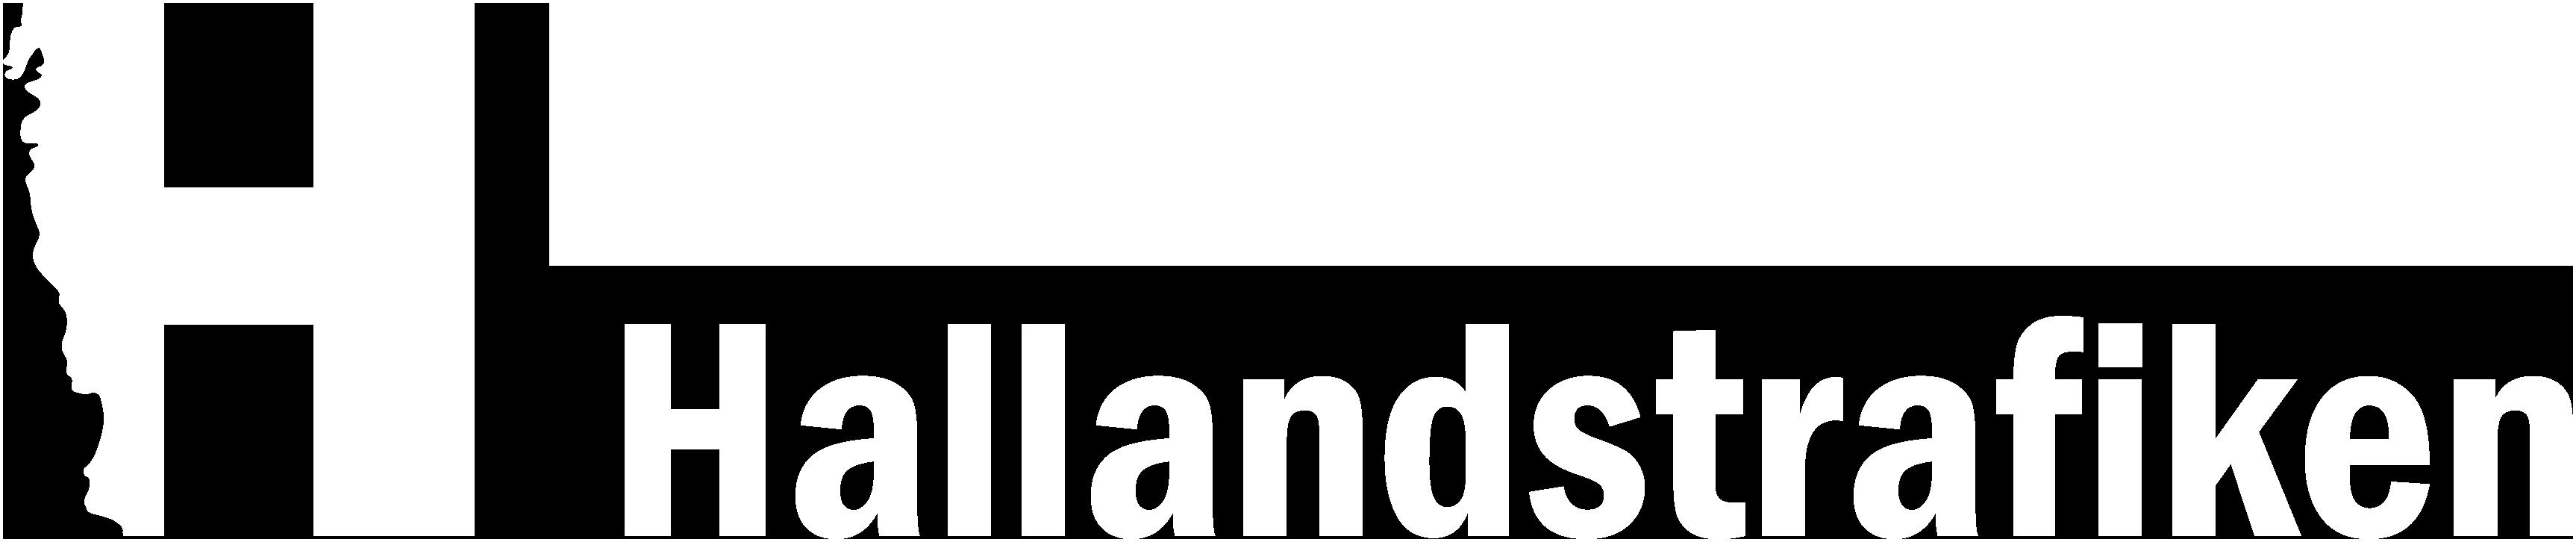 Hallandstrafiken AB - Buss och tåg i Halland